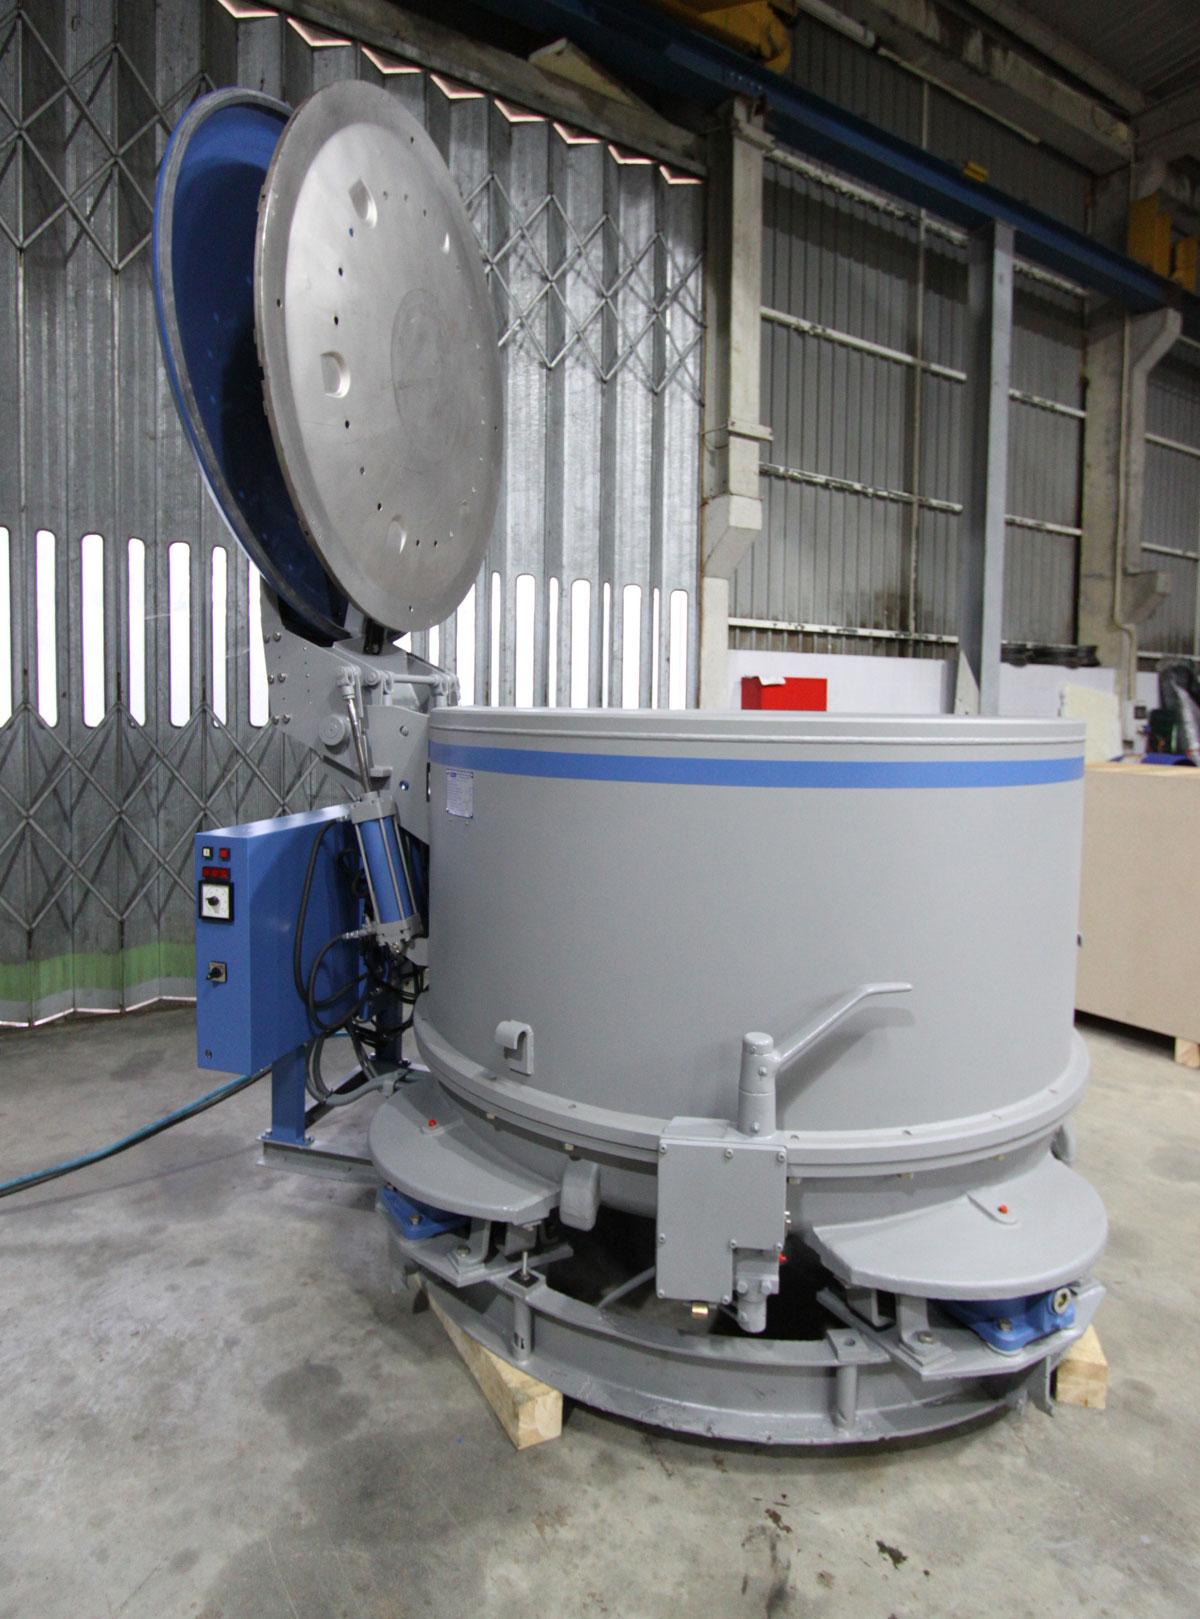 Krantz Rimless Hydro Extractor 150 Cm X 70 Cm Exapro